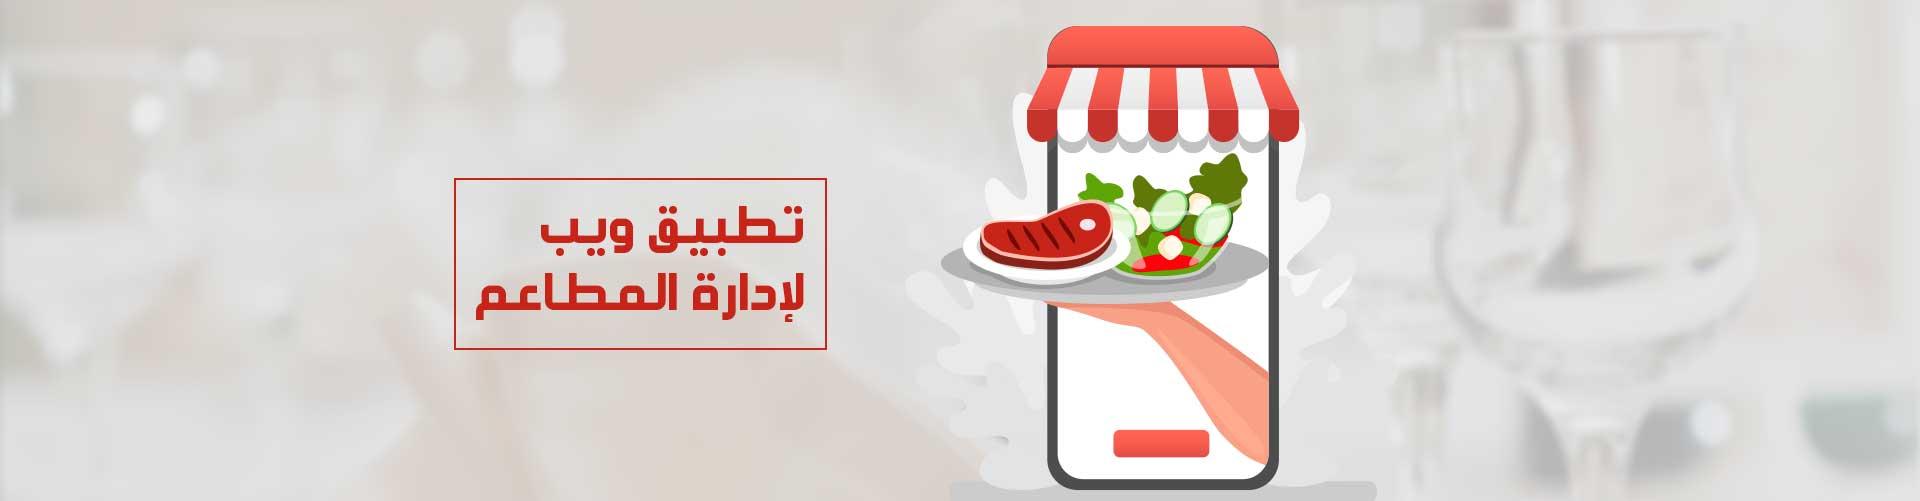 تطبيق ويب لإدارة المطاعم